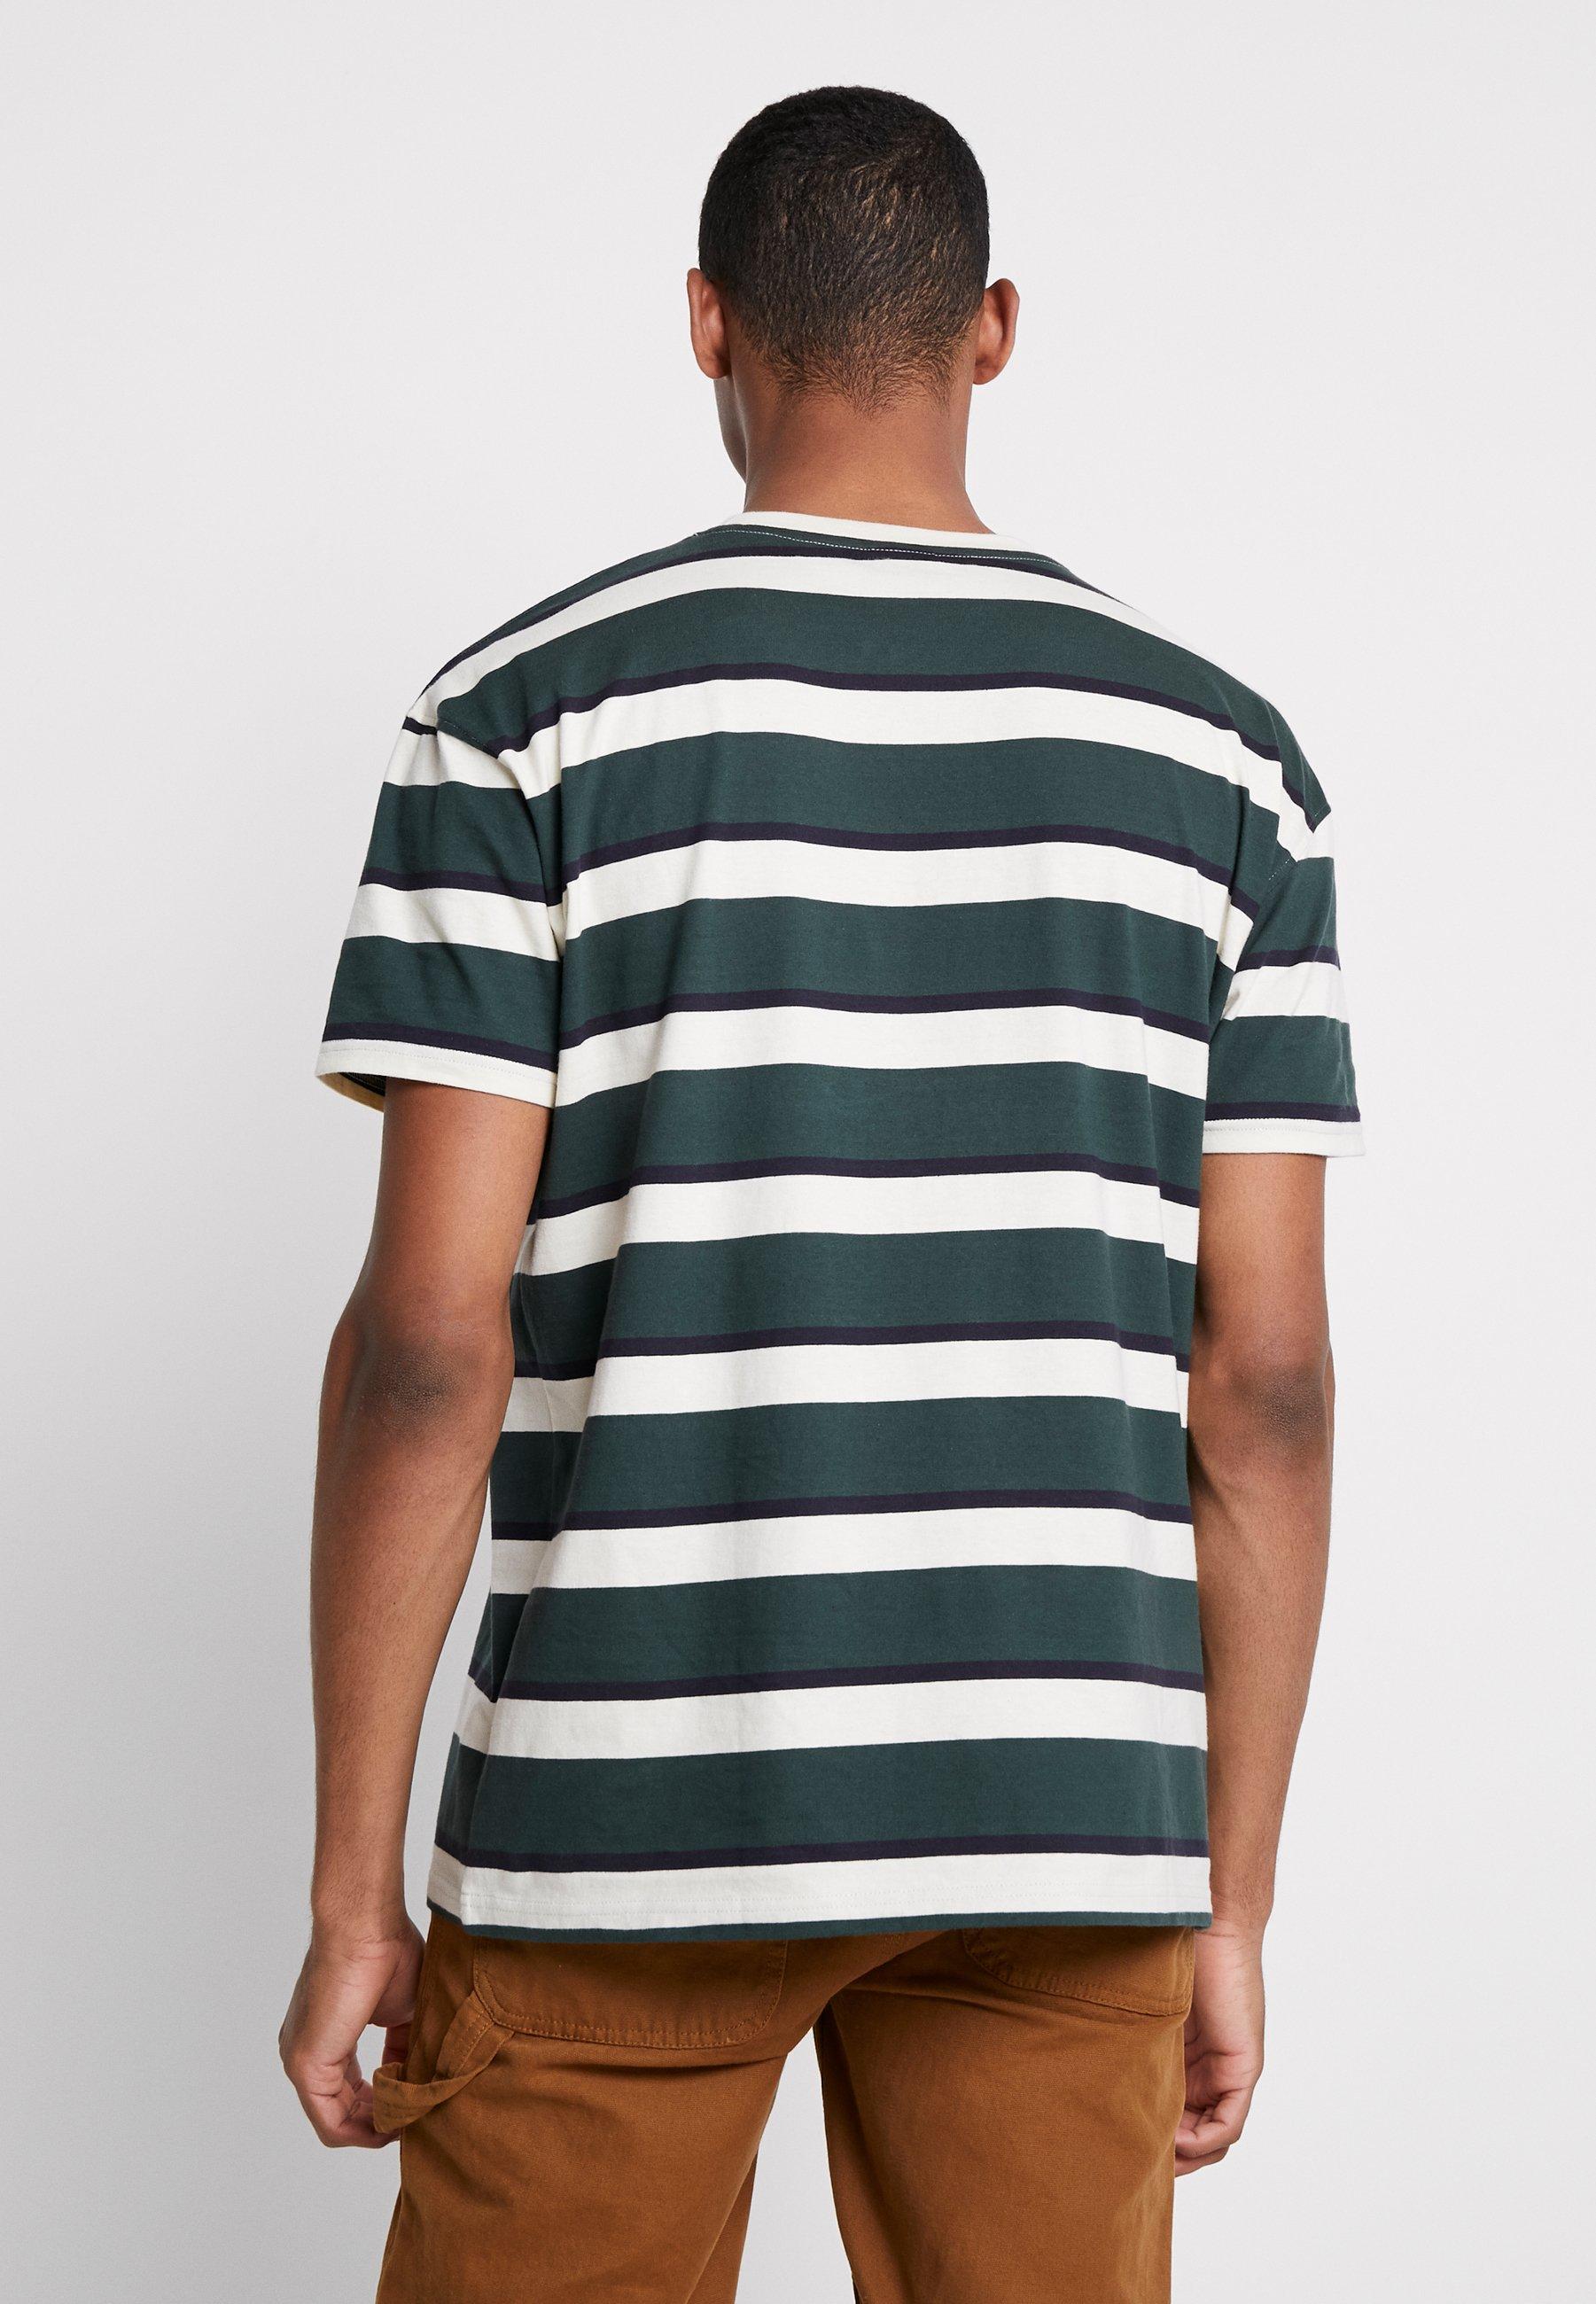 Urban Stripe Sand Oversized Classics shirt Imprimé Block bottlegreen TeeT D2IE9H